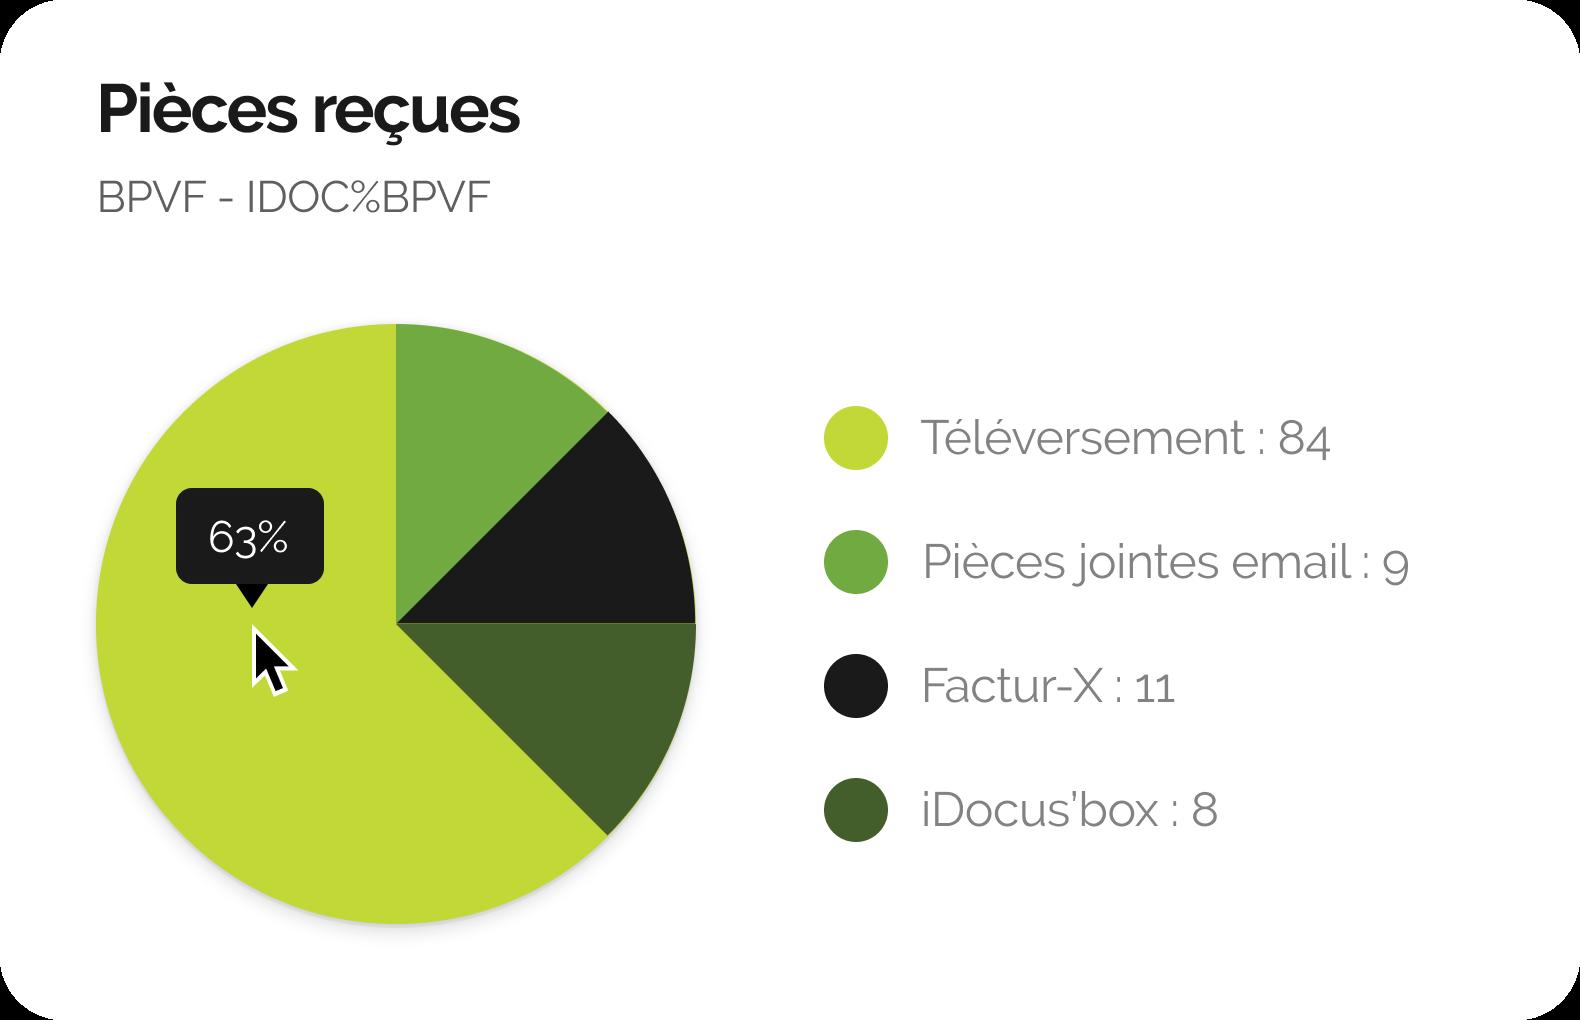 Interface d'iDocus : un camembert montrant les différents type de pièces reçues pour un dossier. Téléversement : 84, pièces jointes: 9, Factur-X :11, iDocus box : 8